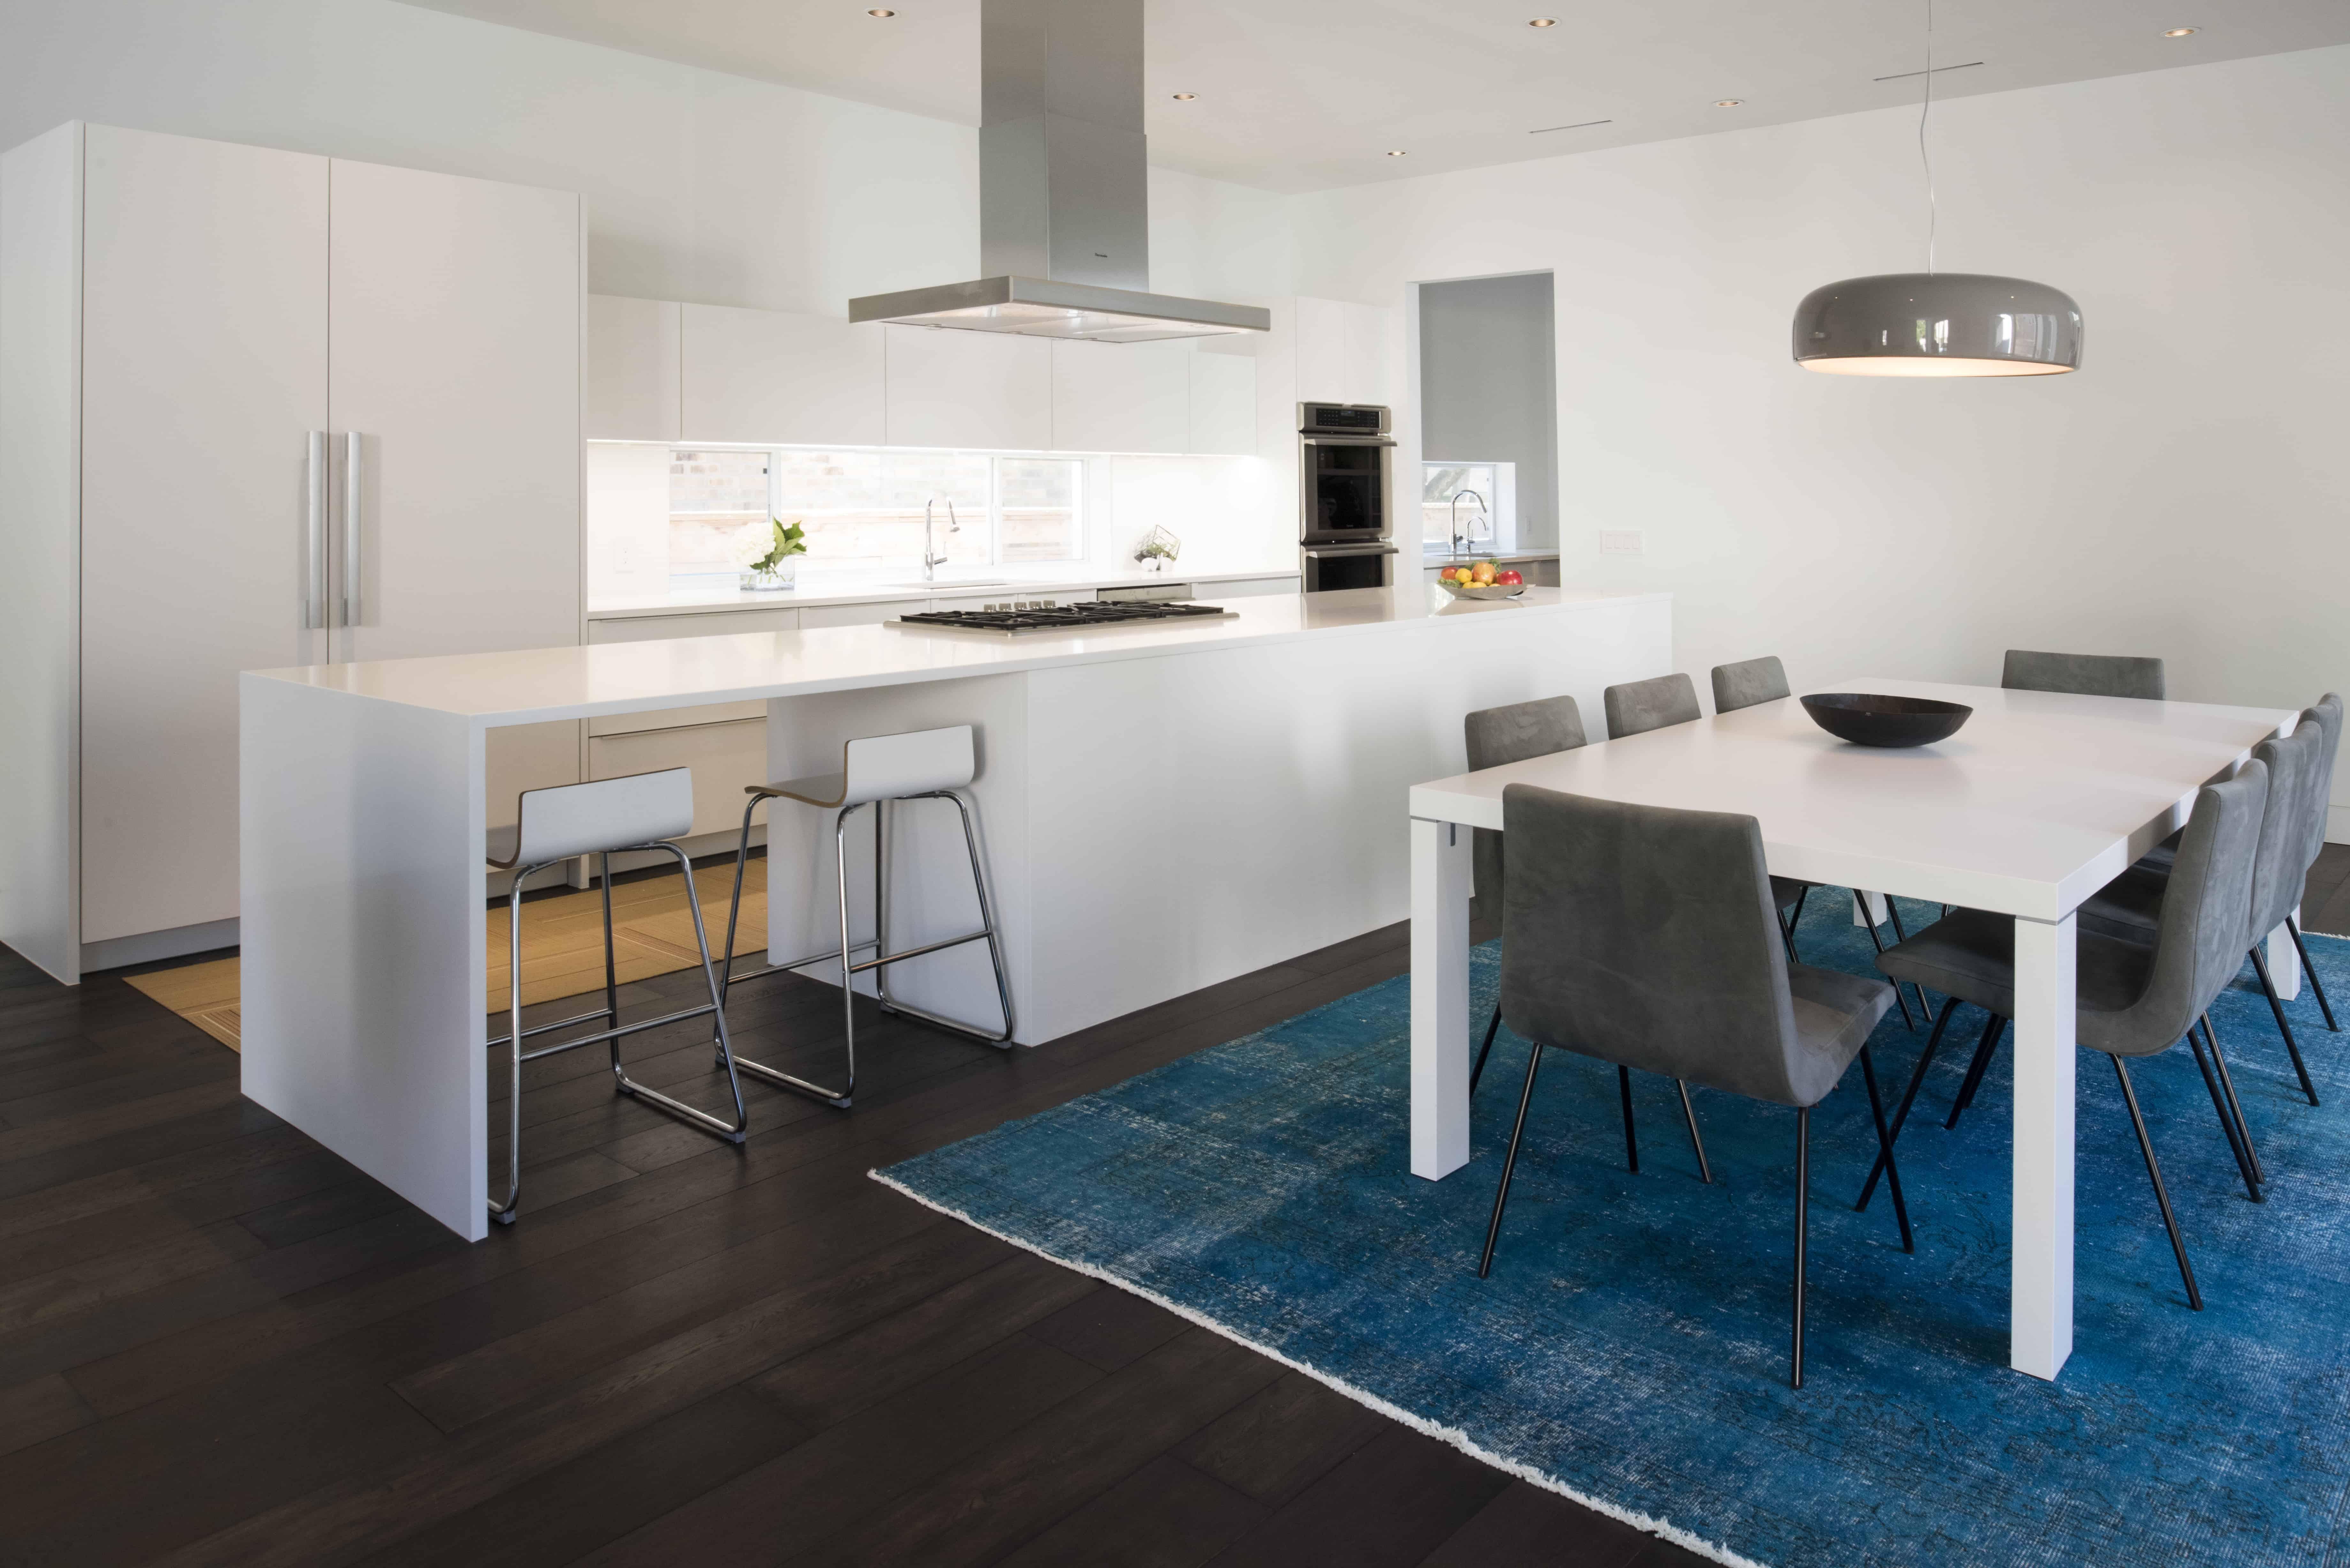 Houston Modern Home Glen Haven Braeswood white kitchen